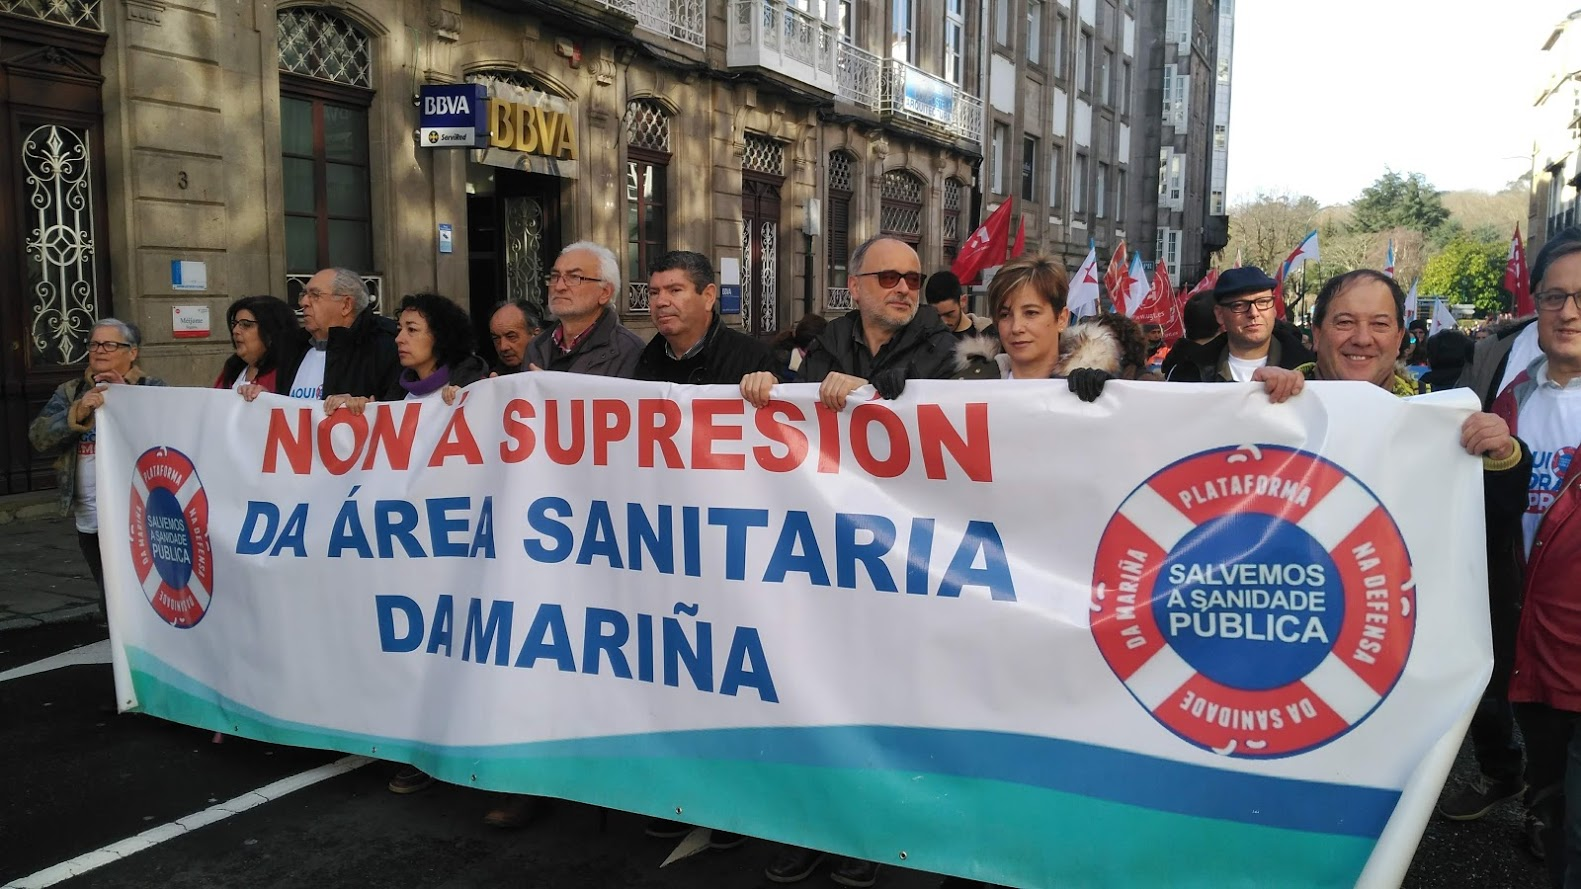 Pancarta contra a supresión da área sanitaria da Mariña na manifestación de Santiago